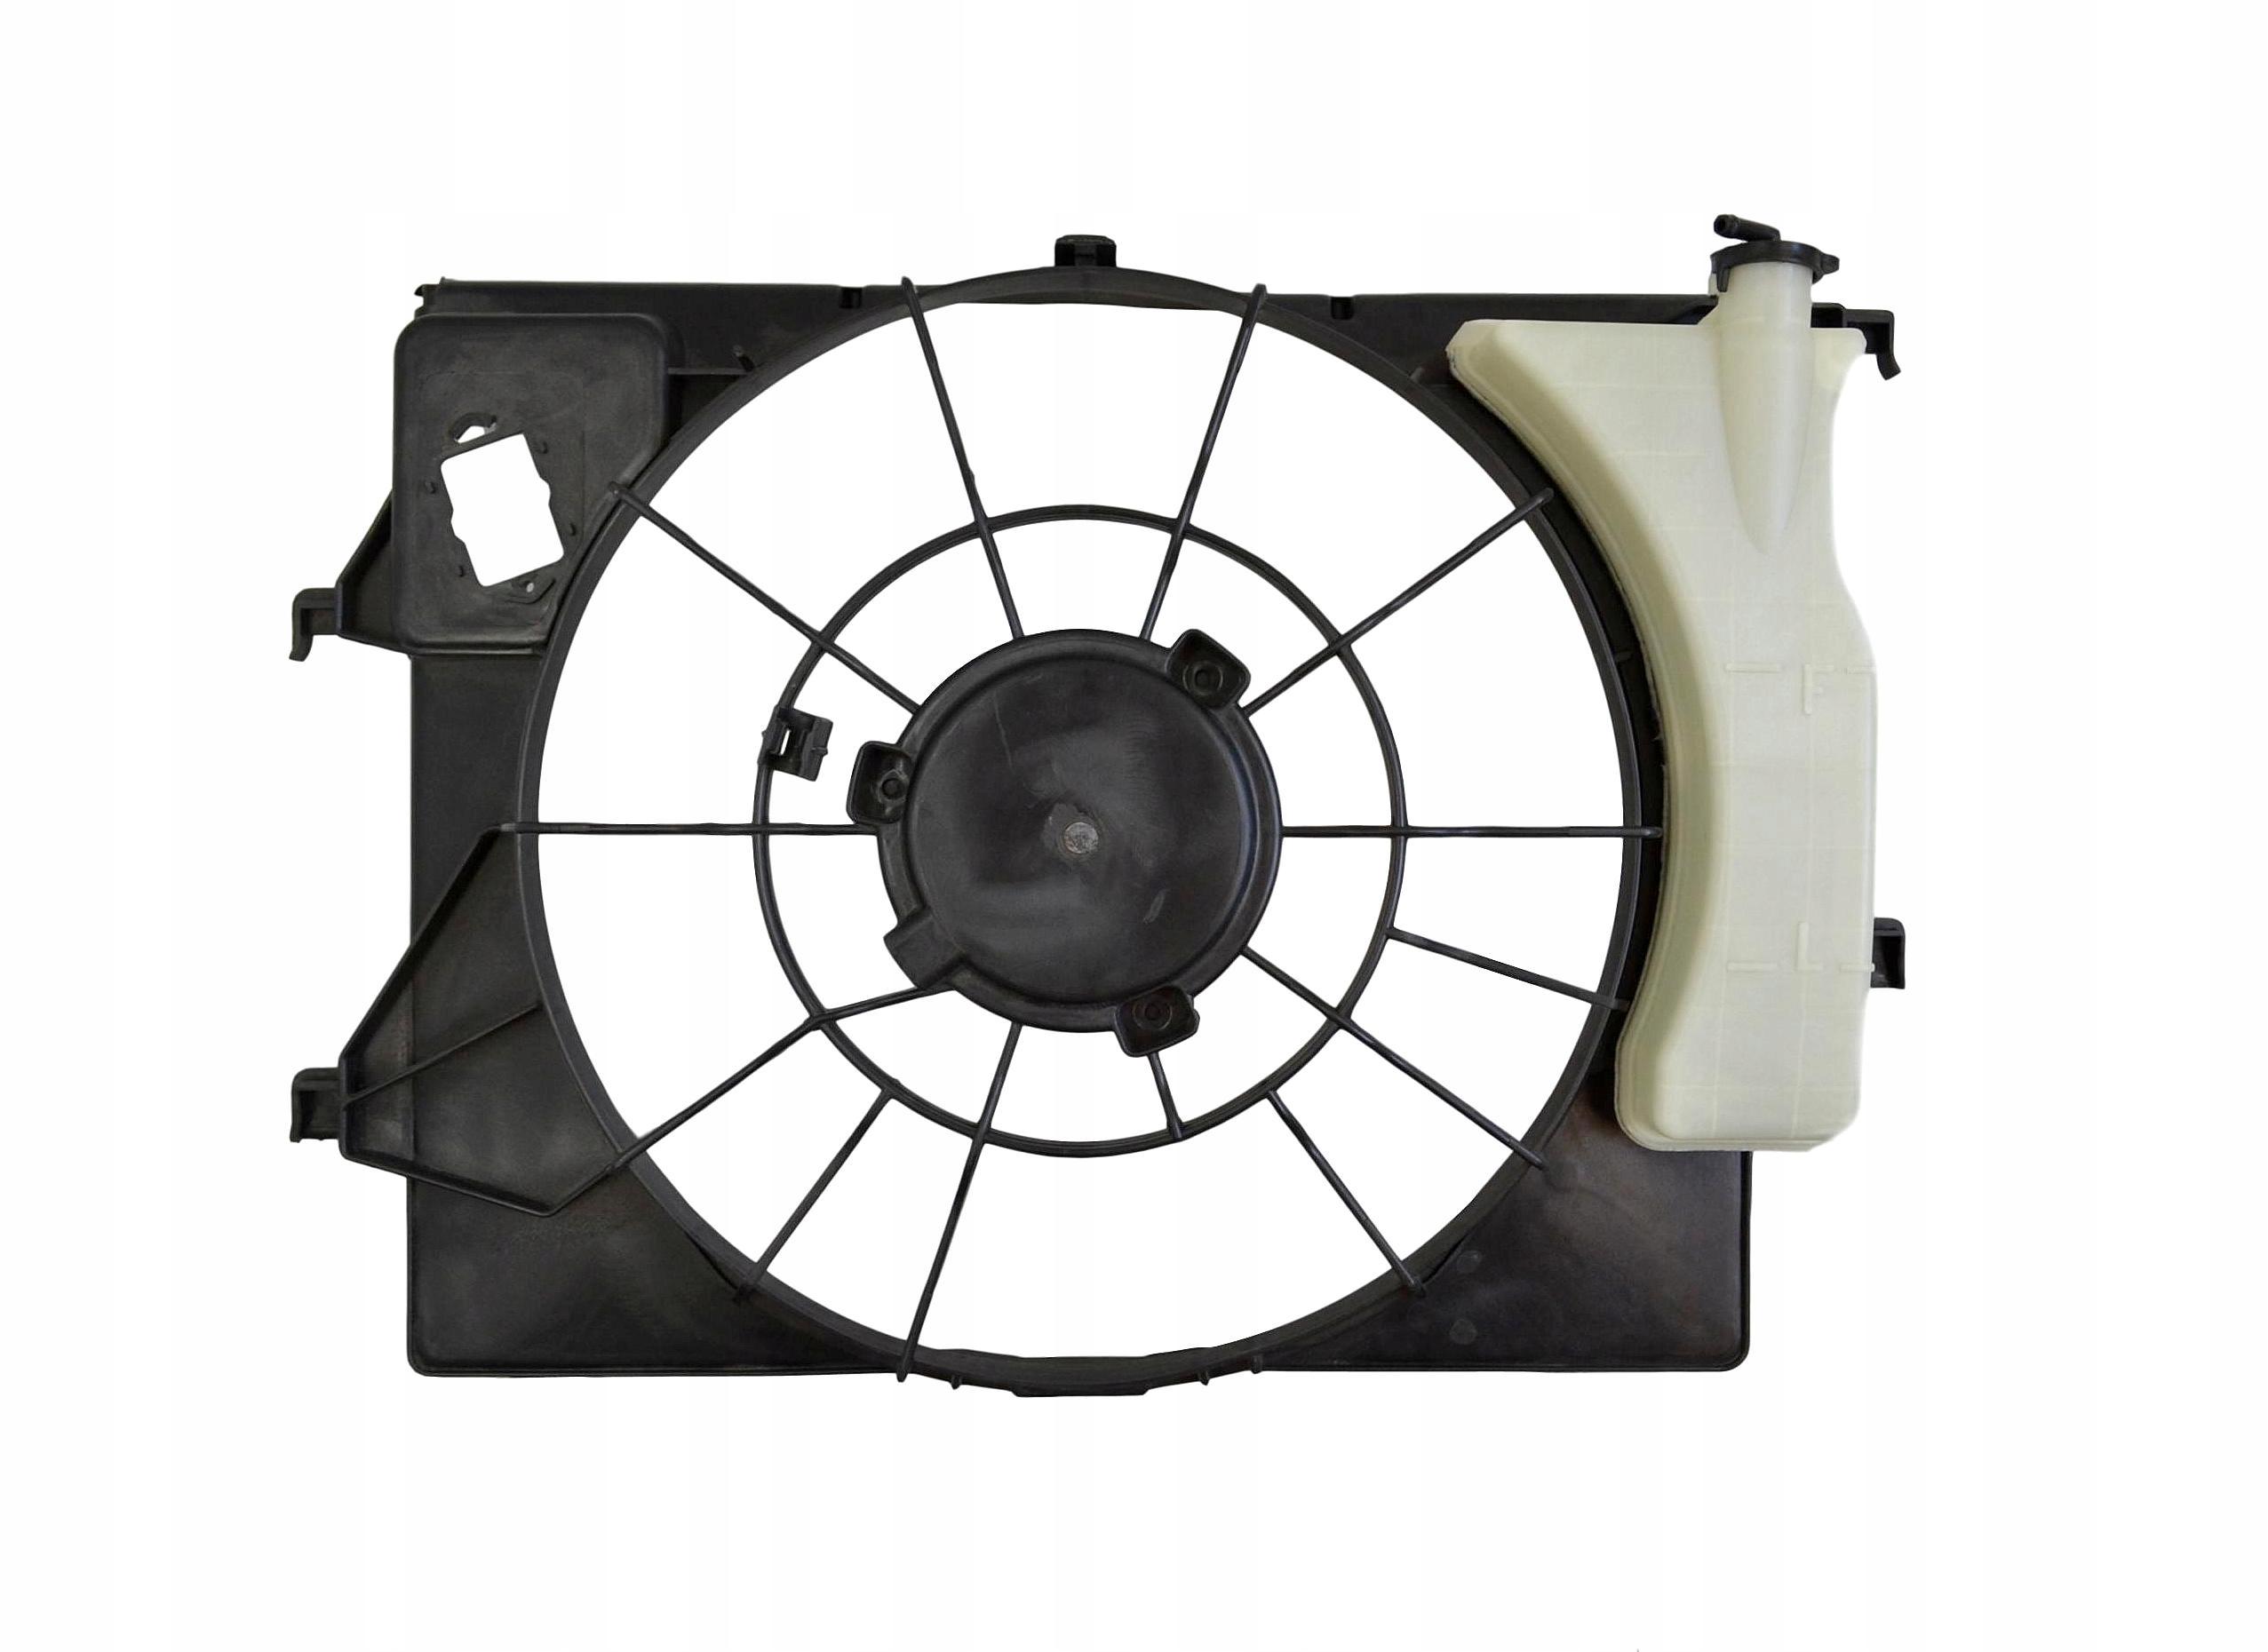 корпус вентилятор kia рио iv stonic 1 2 1 4 17 18